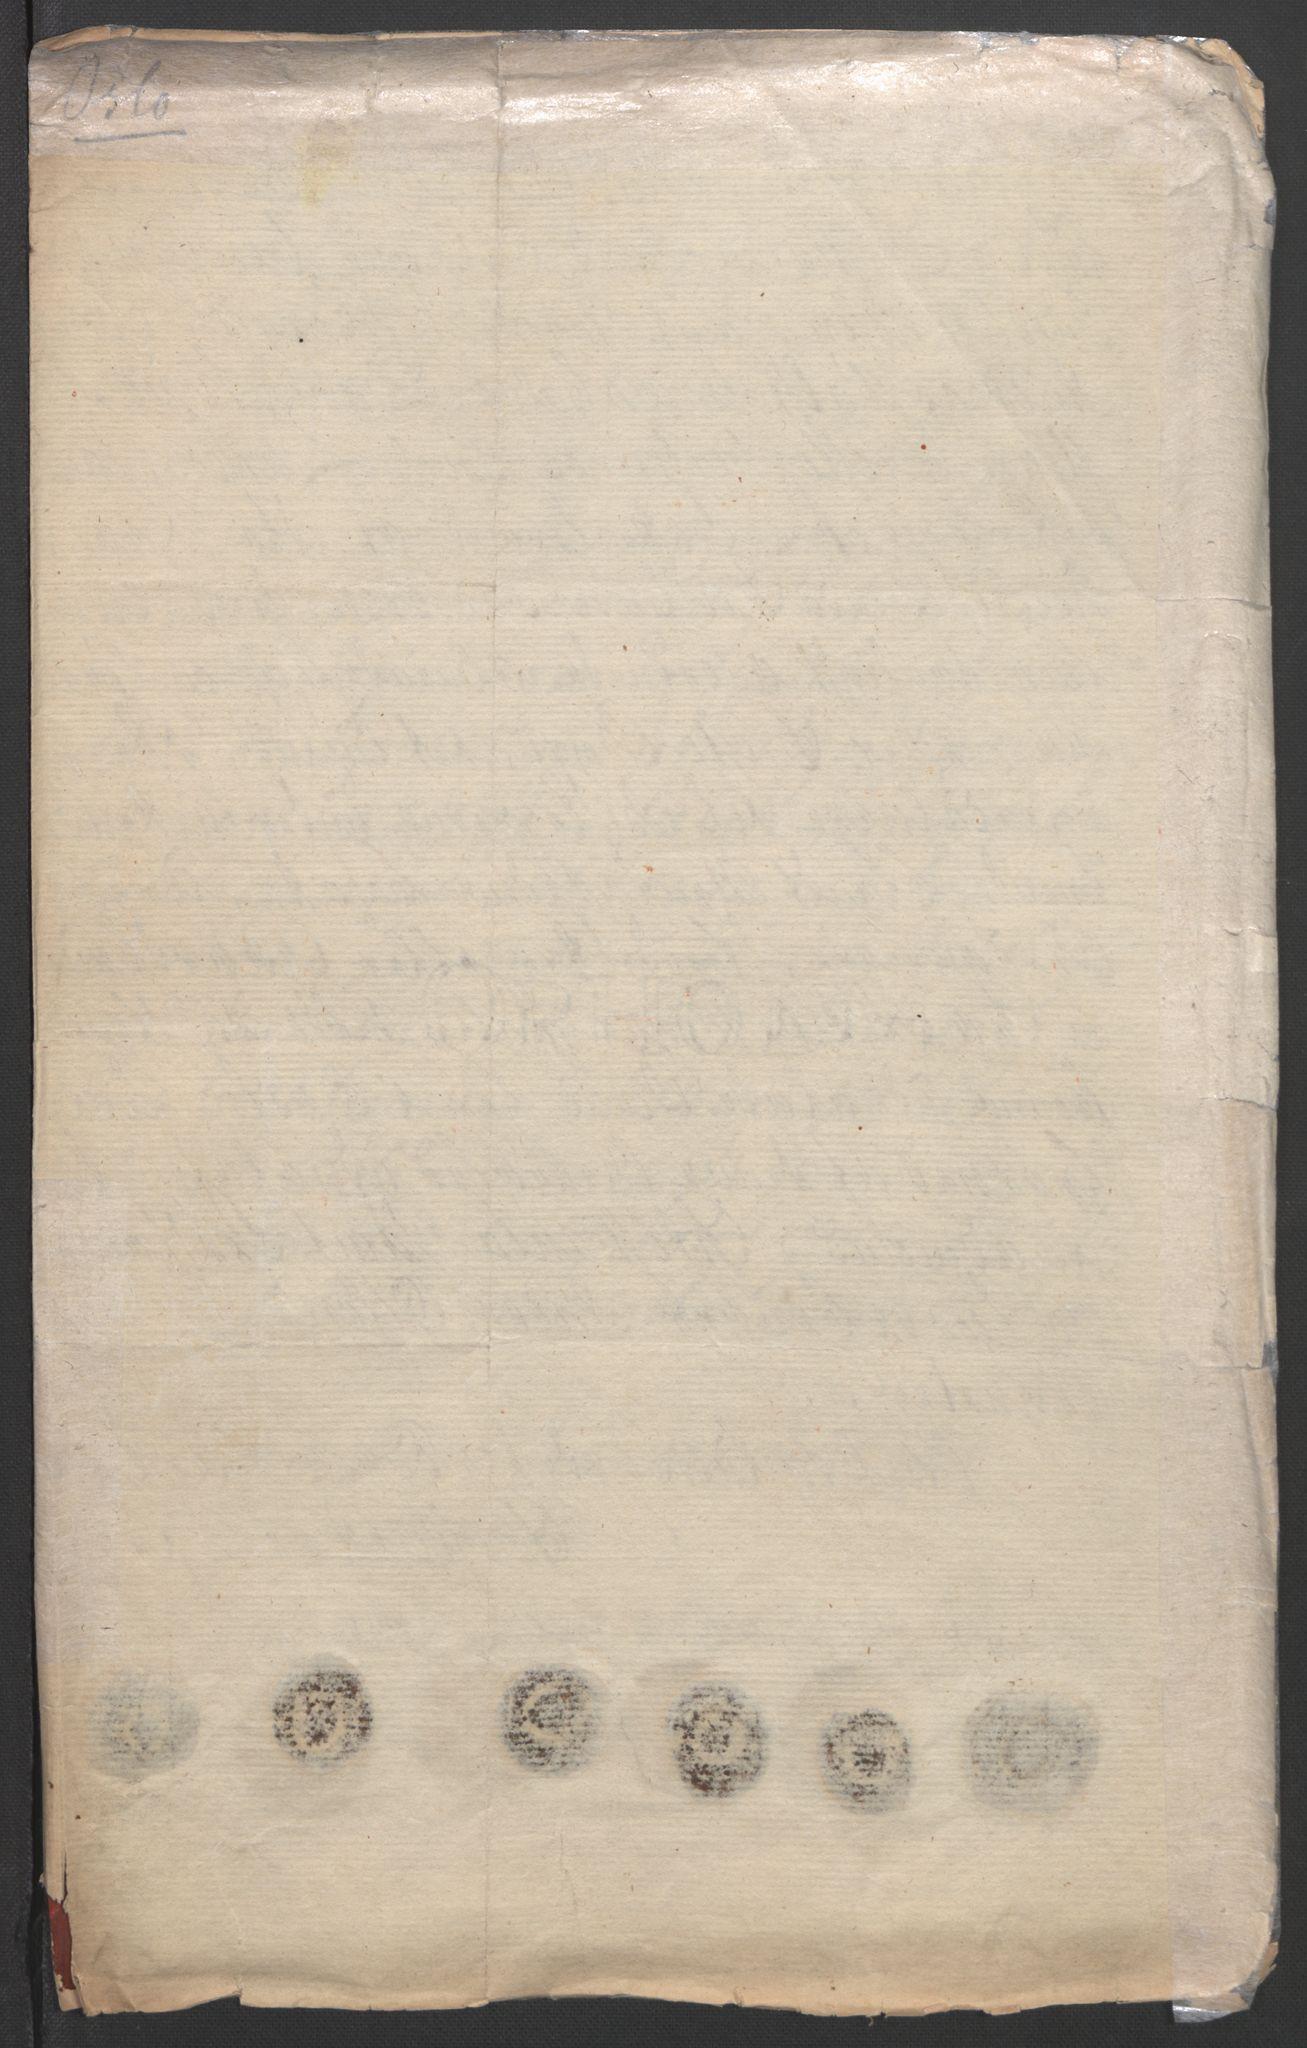 RA, Statsrådssekretariatet, D/Db/L0007: Fullmakter for Eidsvollsrepresentantene i 1814. , 1814, s. 200